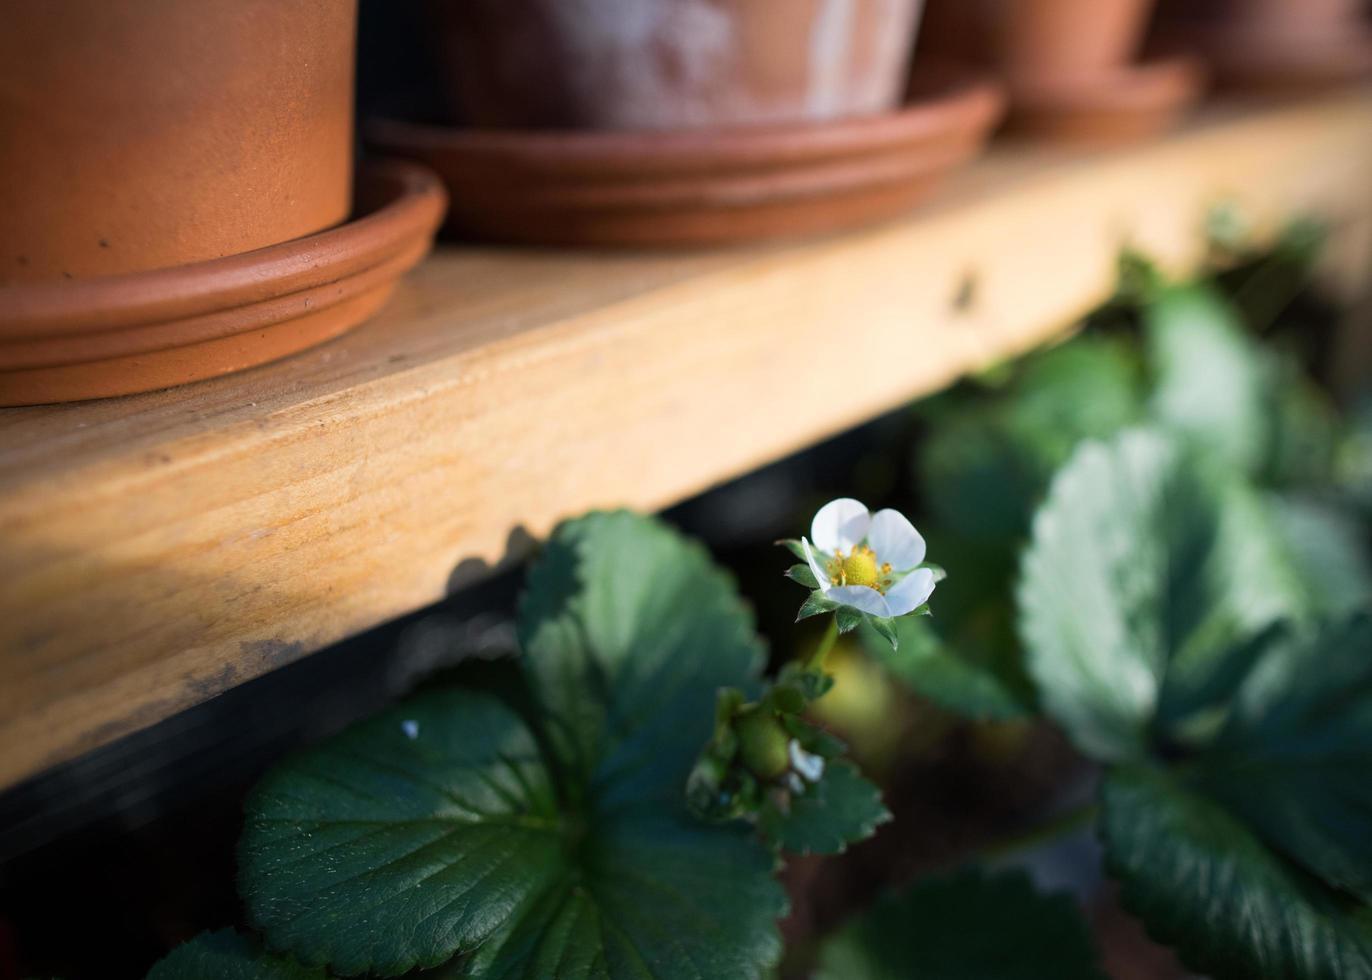 Makroansicht einer sonnenbeschienenen Blume foto